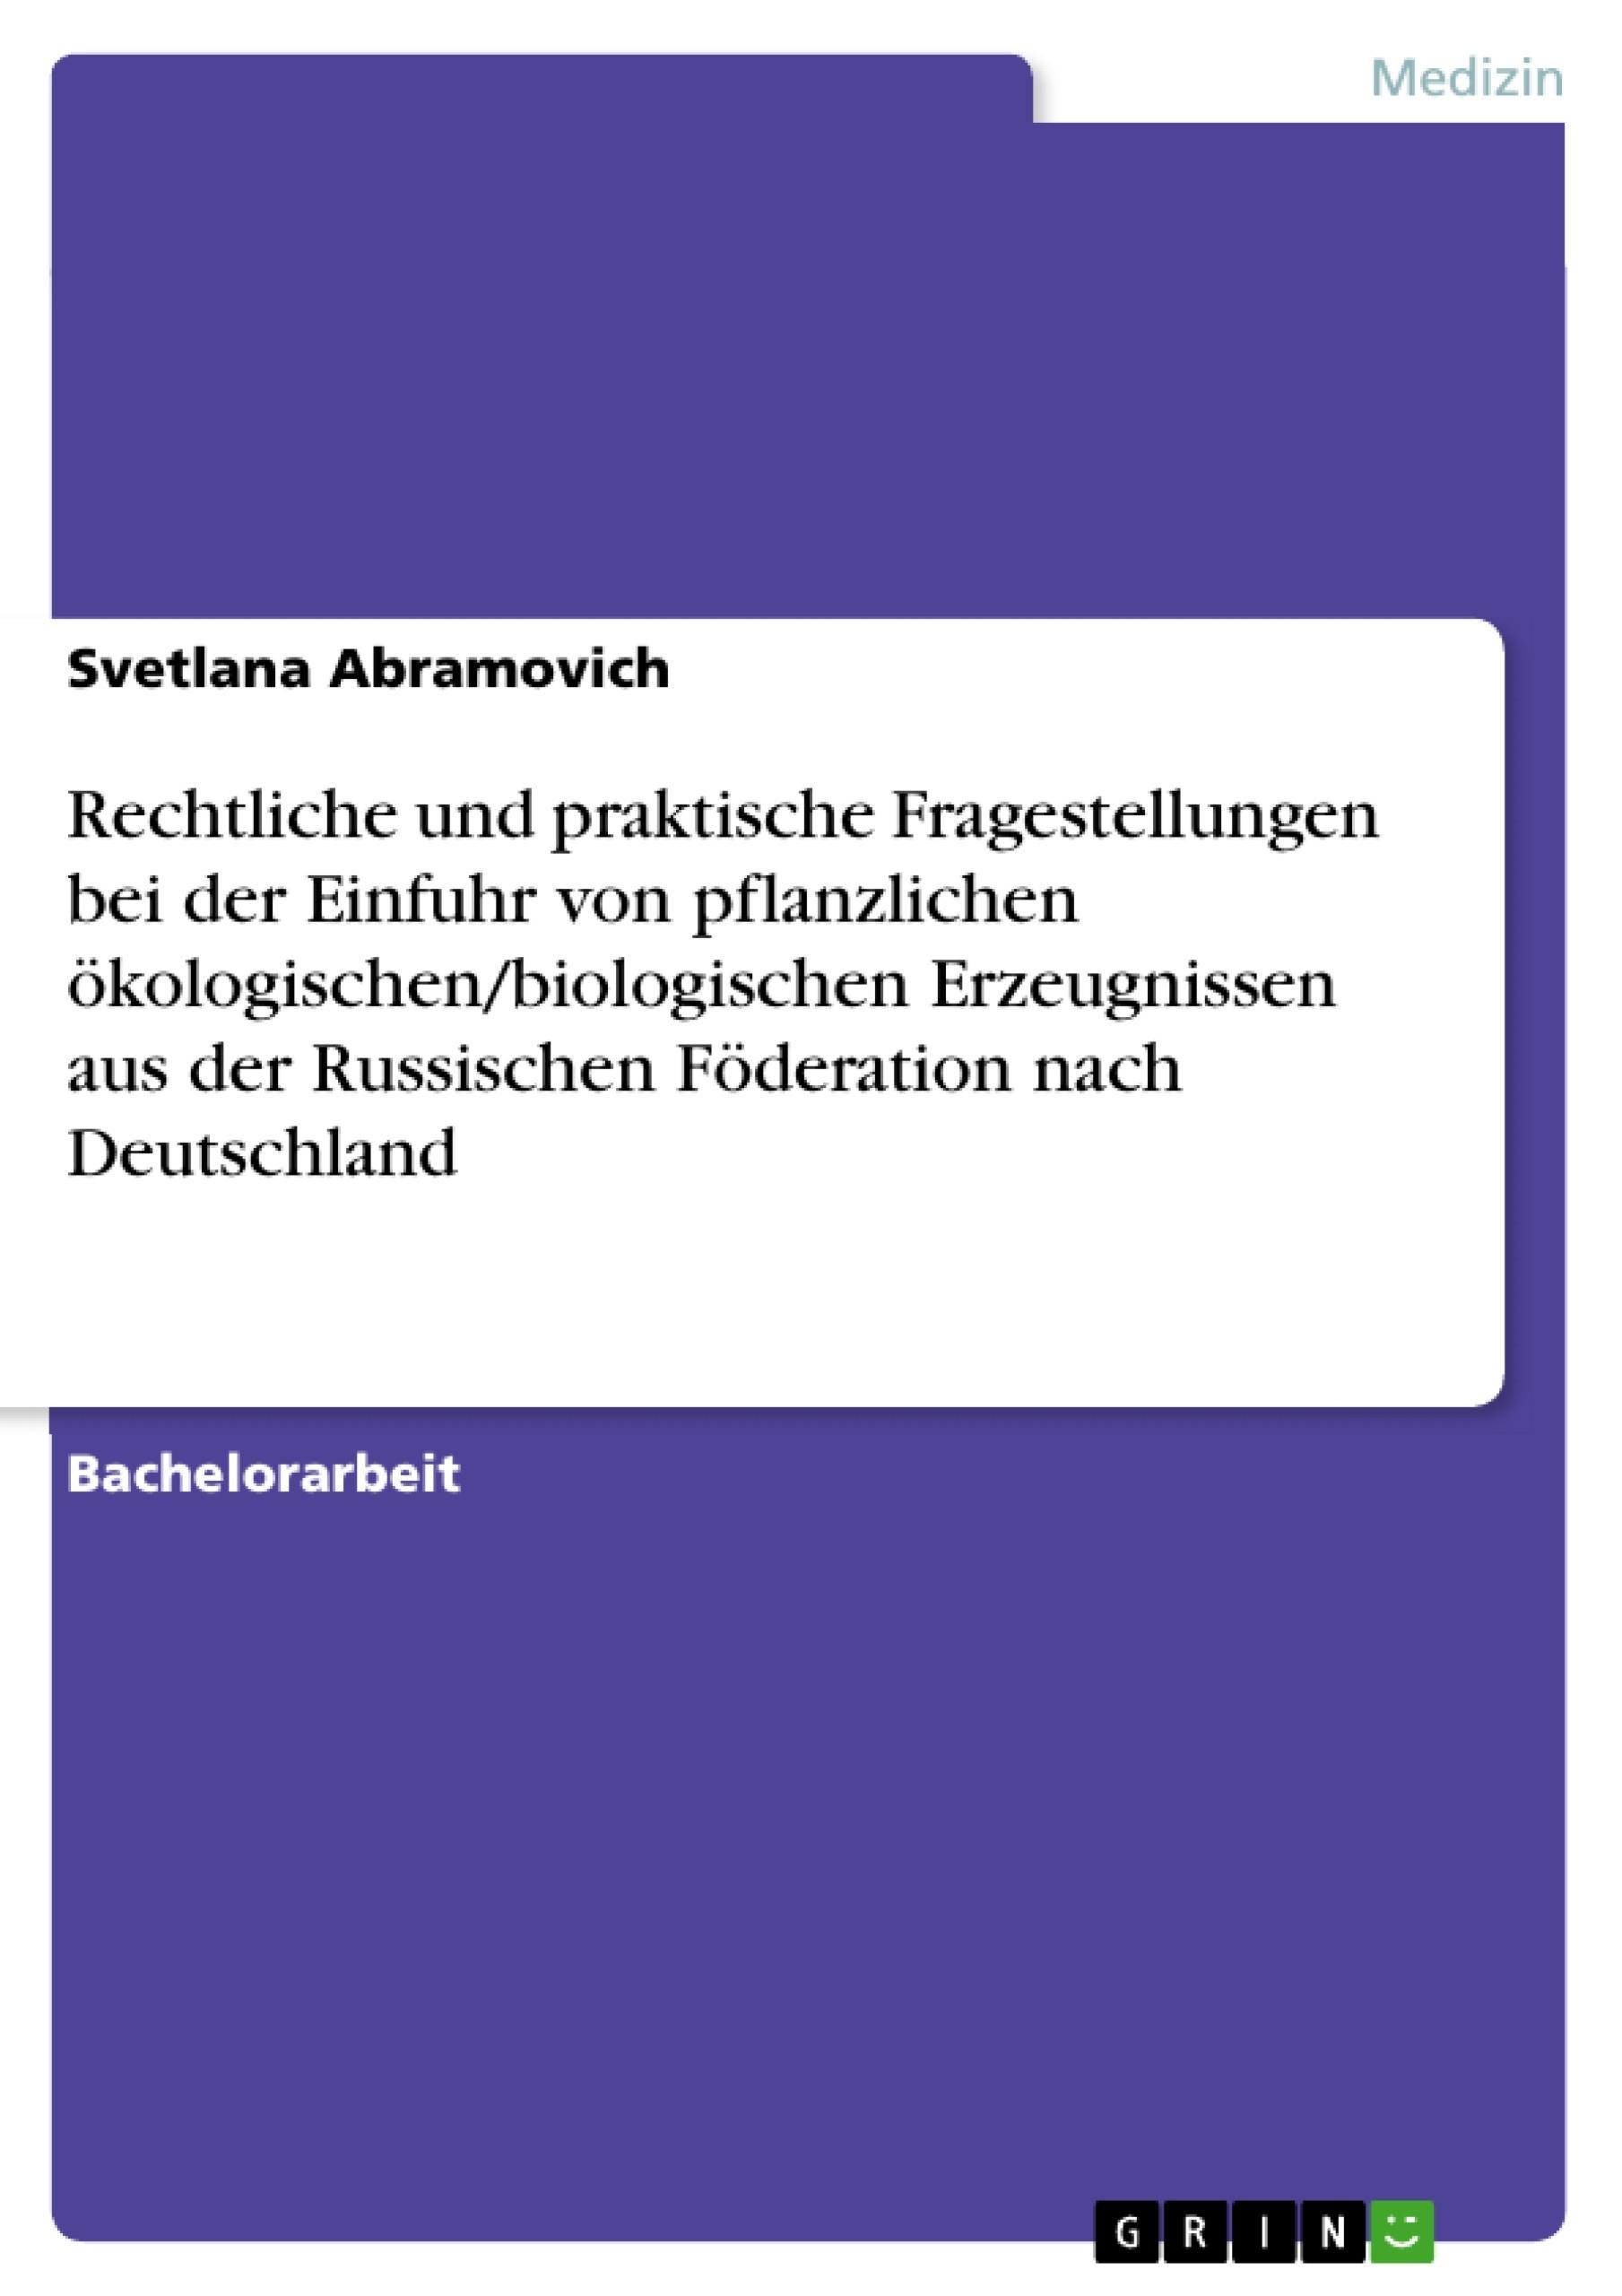 Titel: Rechtliche und praktische Fragestellungen bei der Einfuhr von pflanzlichen ökologischen/biologischen Erzeugnissen aus der Russischen Föderation nach Deutschland